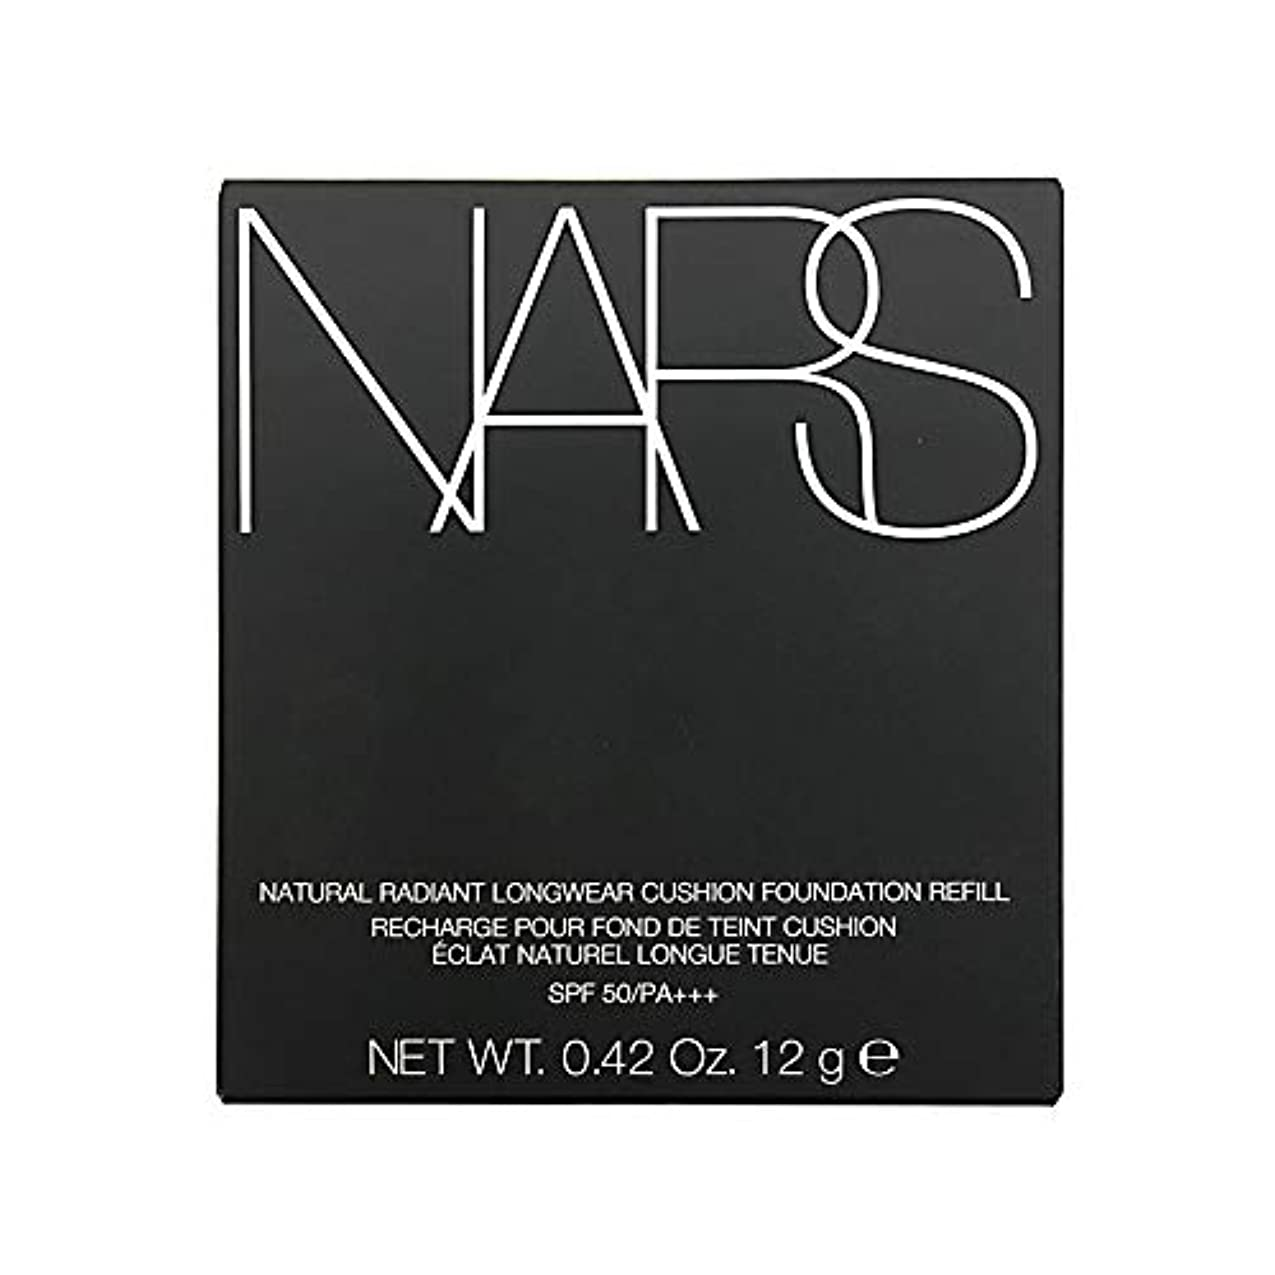 海中傷からに変化するナーズ/NARS ナチュラルラディアント ロングウェア クッションファンデーション(レフィル)#5877 [ クッションファンデ ] [並行輸入品]